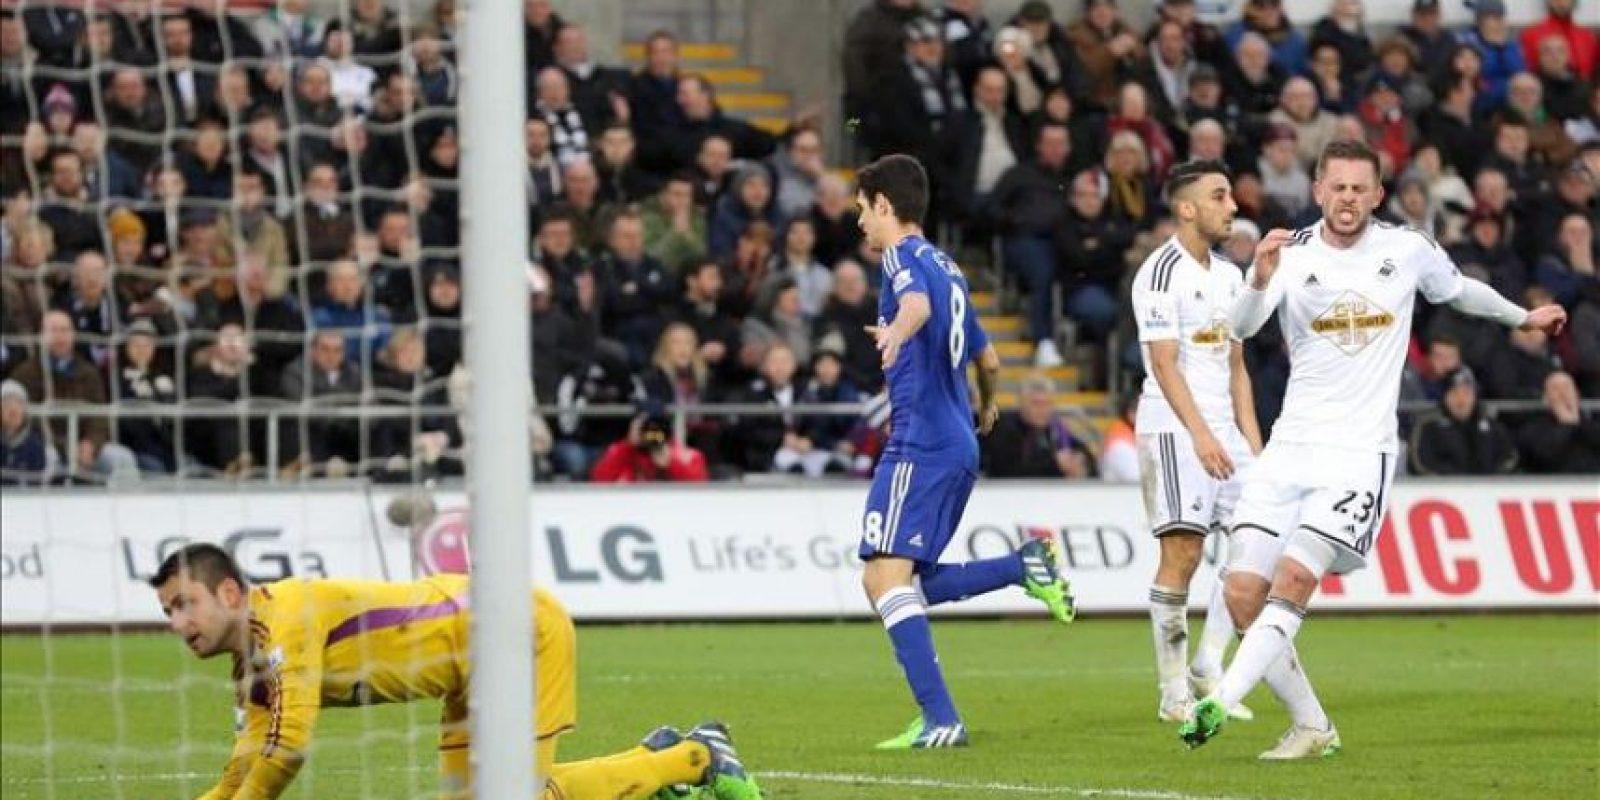 El jugador del Chelsea Oscar (c) celebra uno de lso goles de su equipo durante el partido de la Premier Leagueque han jugado Swansea City FC y Chelsea en el Liberty Stadium, al sur de Gales, Reino Unido. EFE/EPA